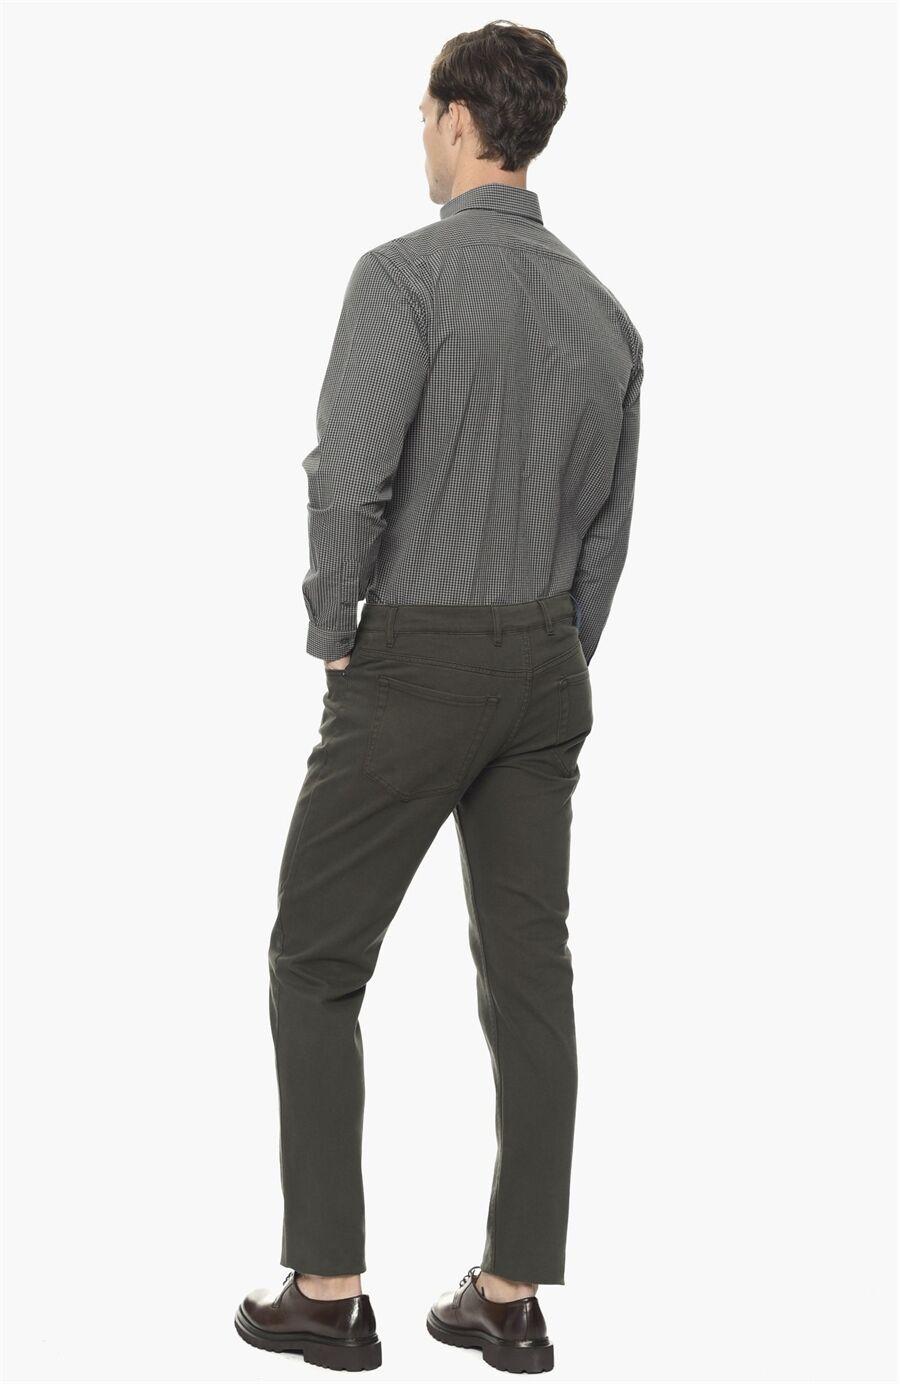 Kareli Slım Fit Gri Siyah Gömlek